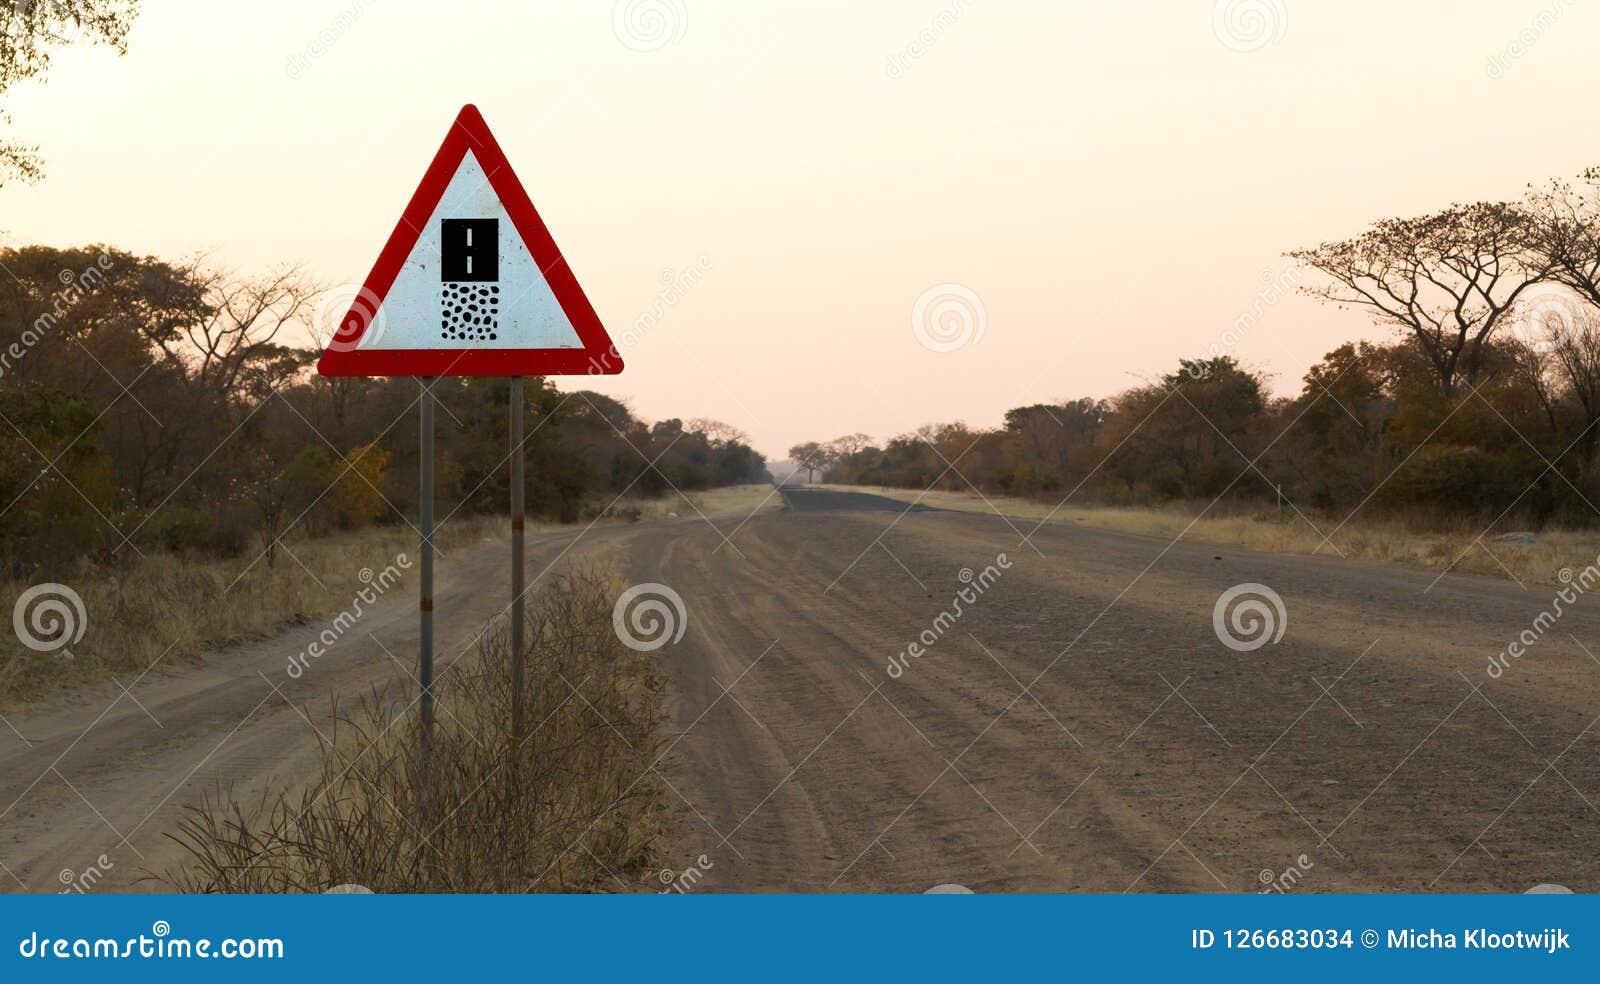 De weg van het tekengrint - waarschuw het eind van een grintweg